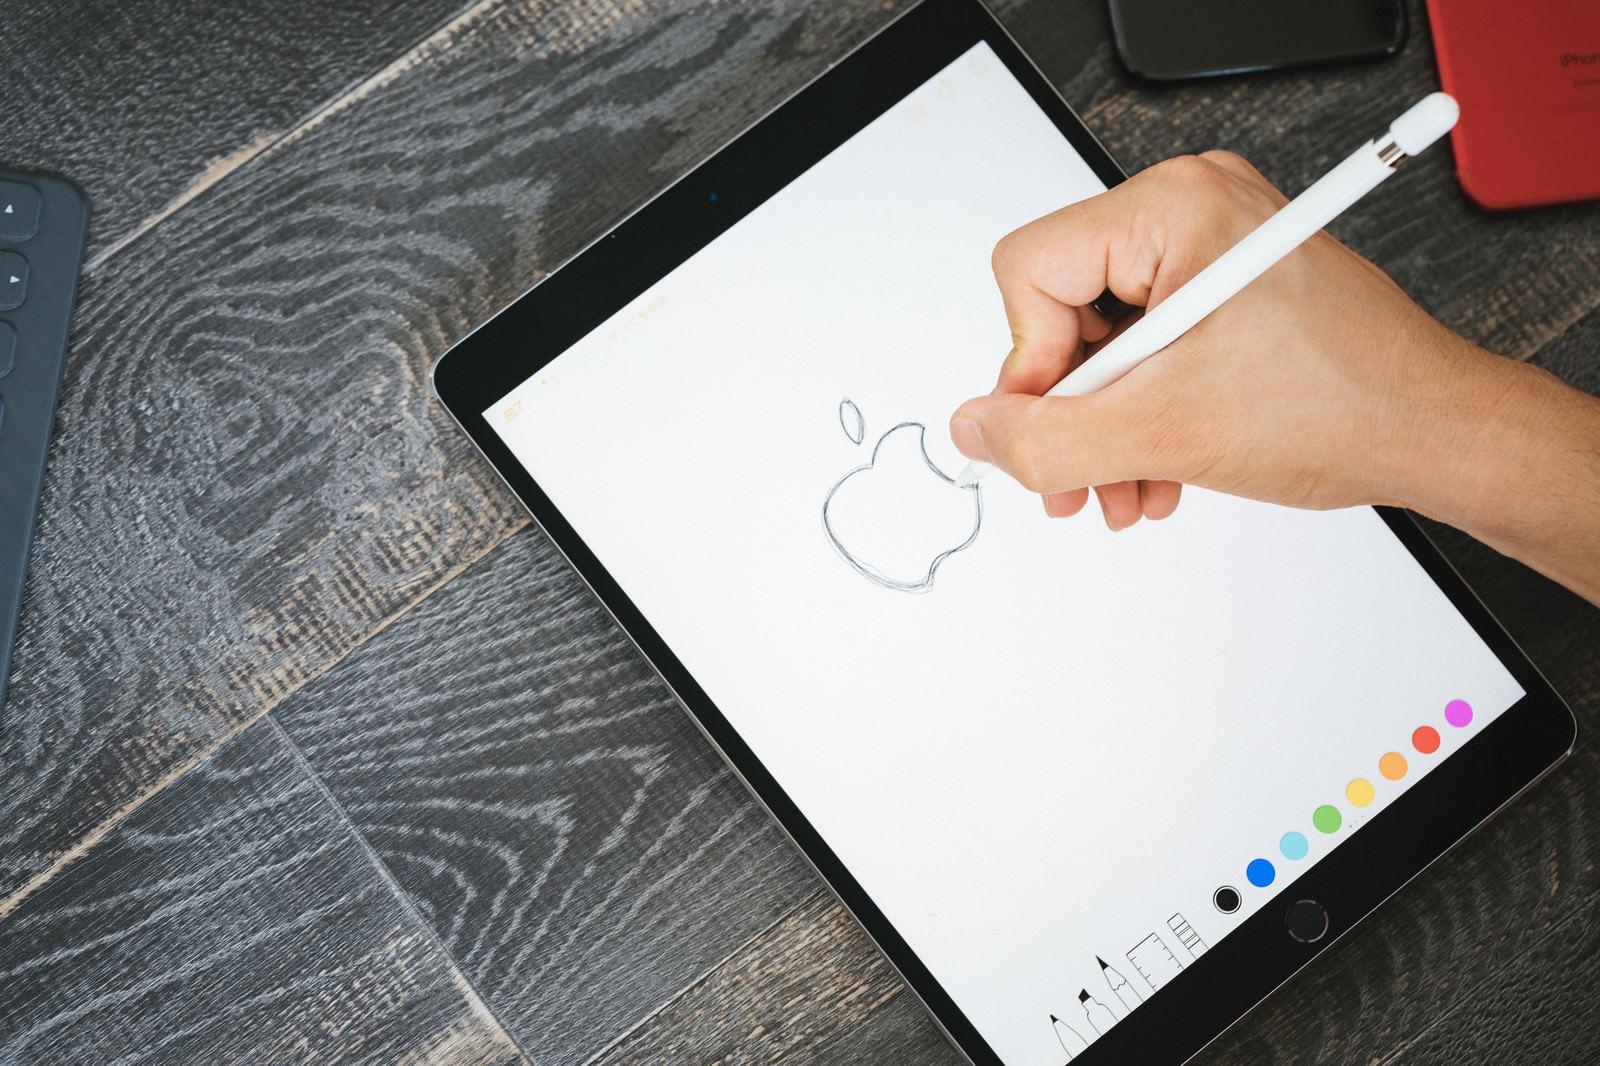 タブレットに林檎の絵を描くの写真(画像)を無料ダウンロード - フリー素材のぱくたそ